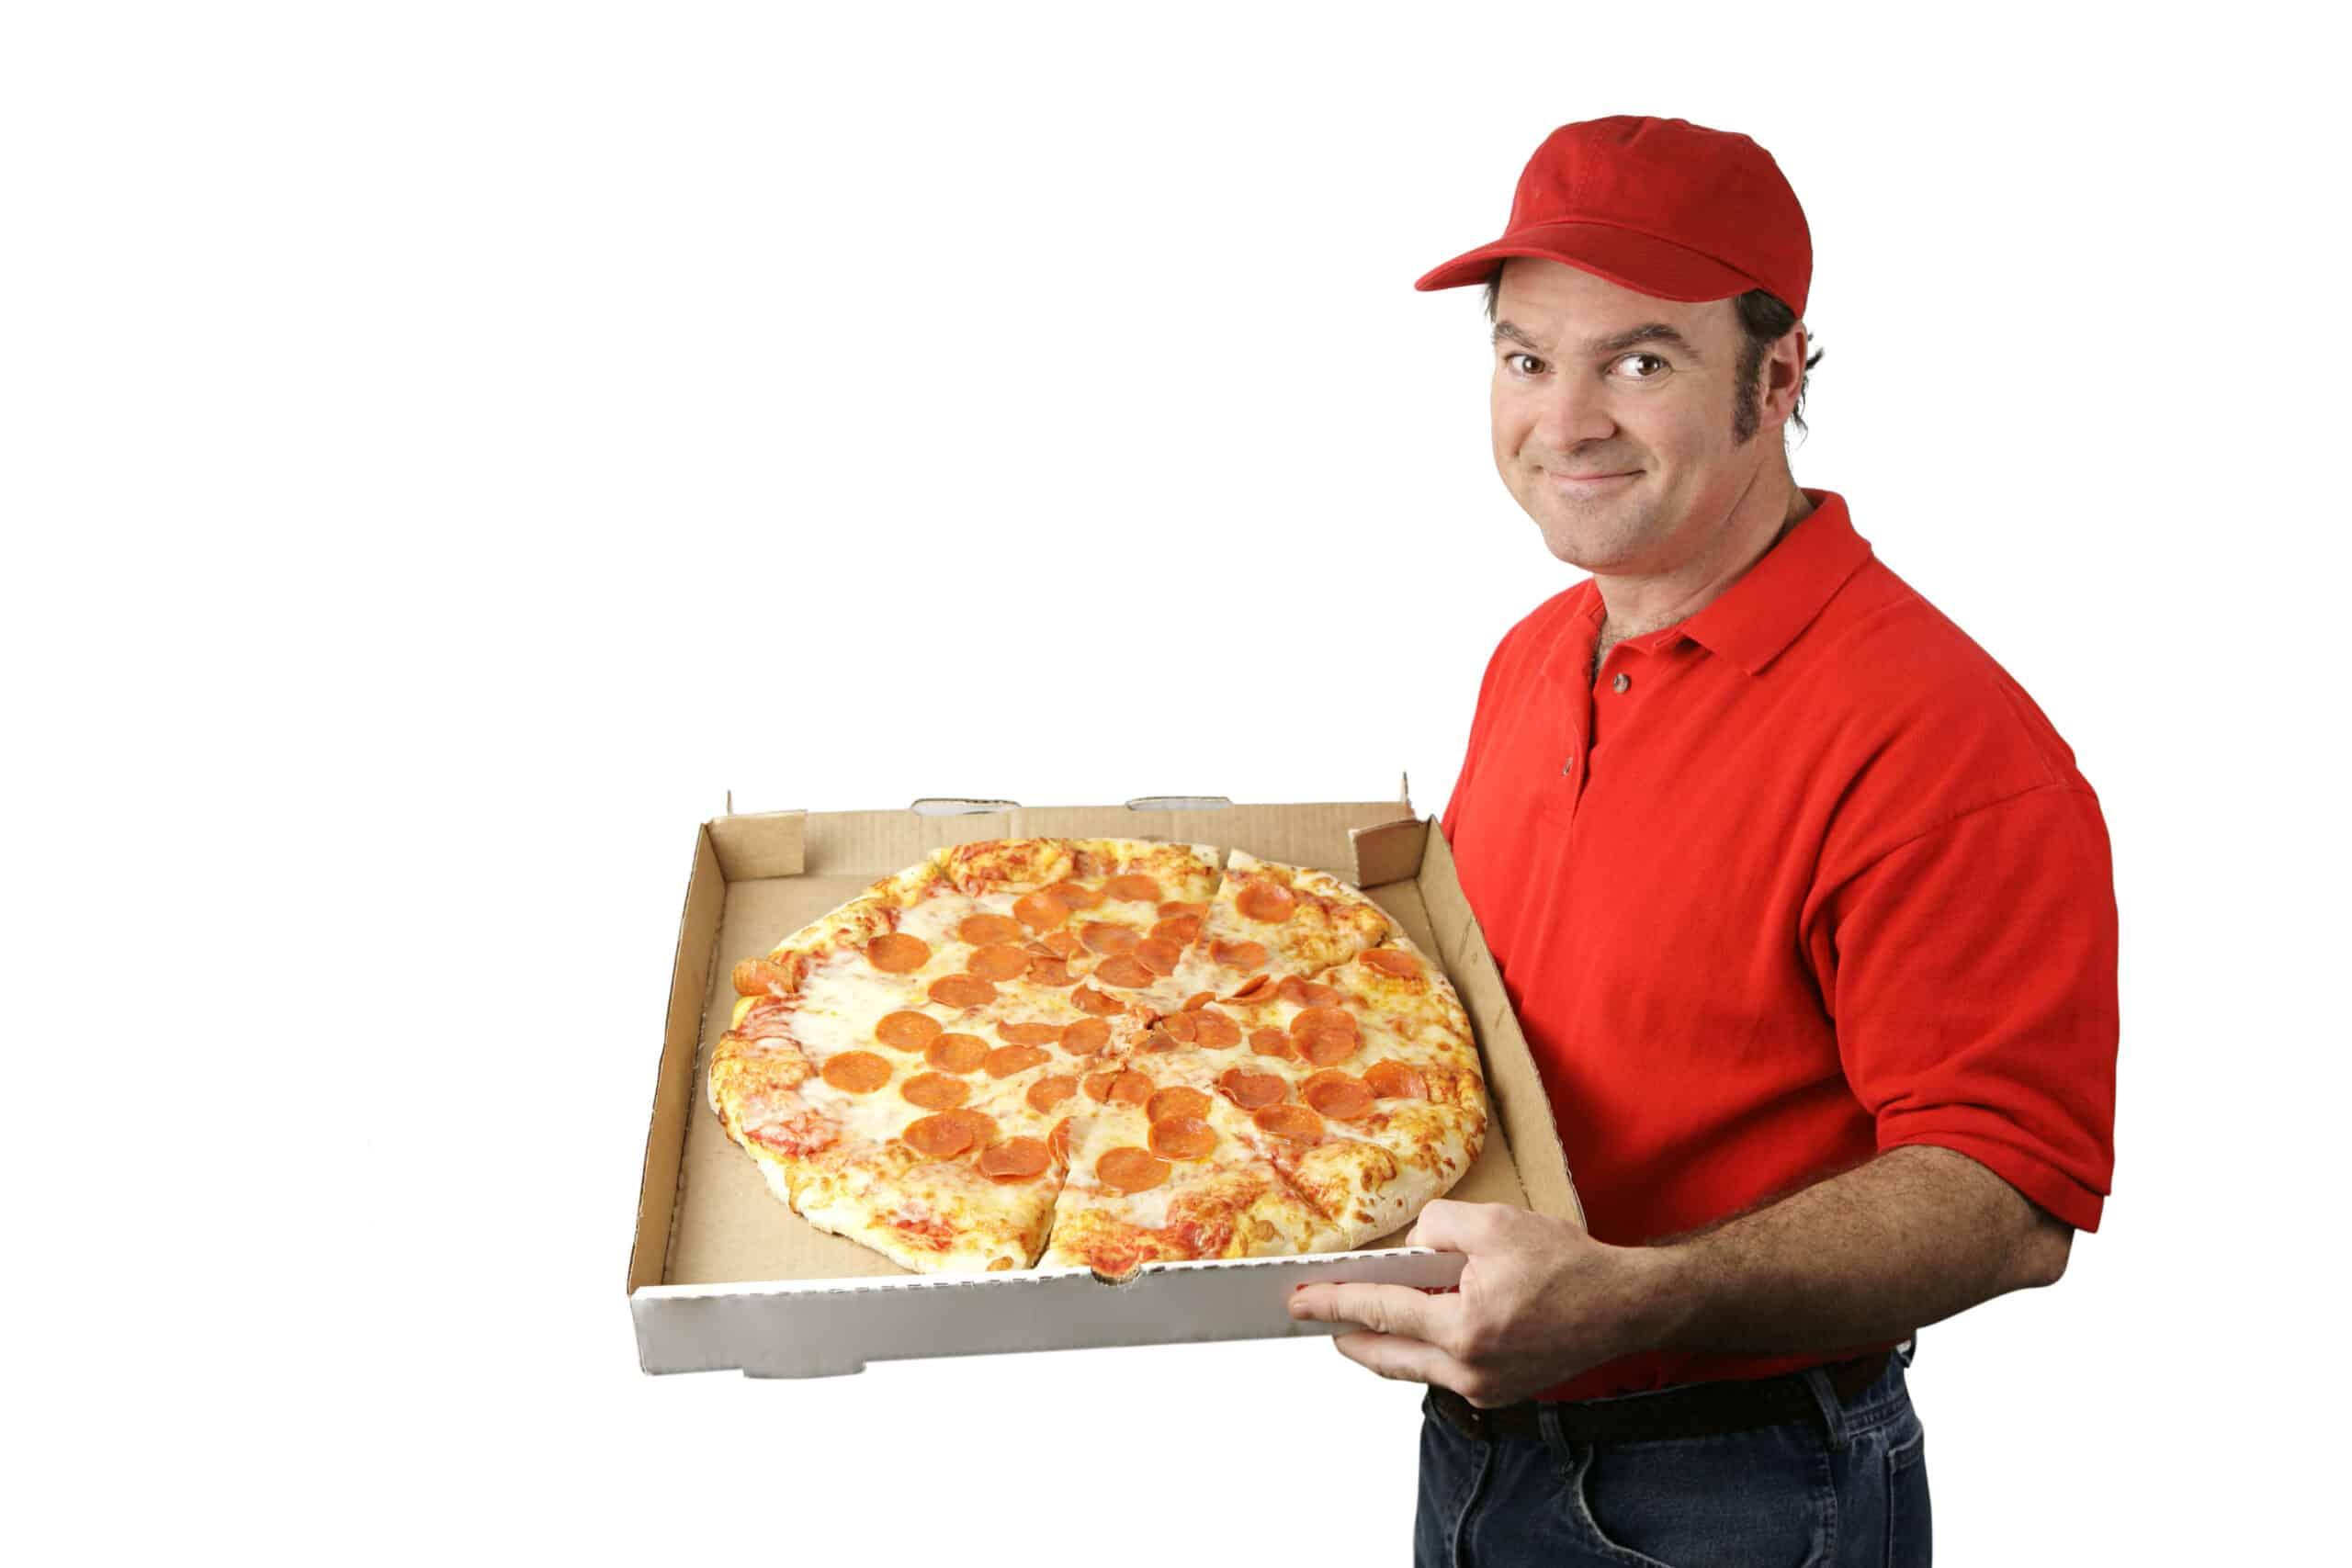 Dopo aver recapitato a domicilio una pizza conta la mancia che gli è stata data, 2.000 euro